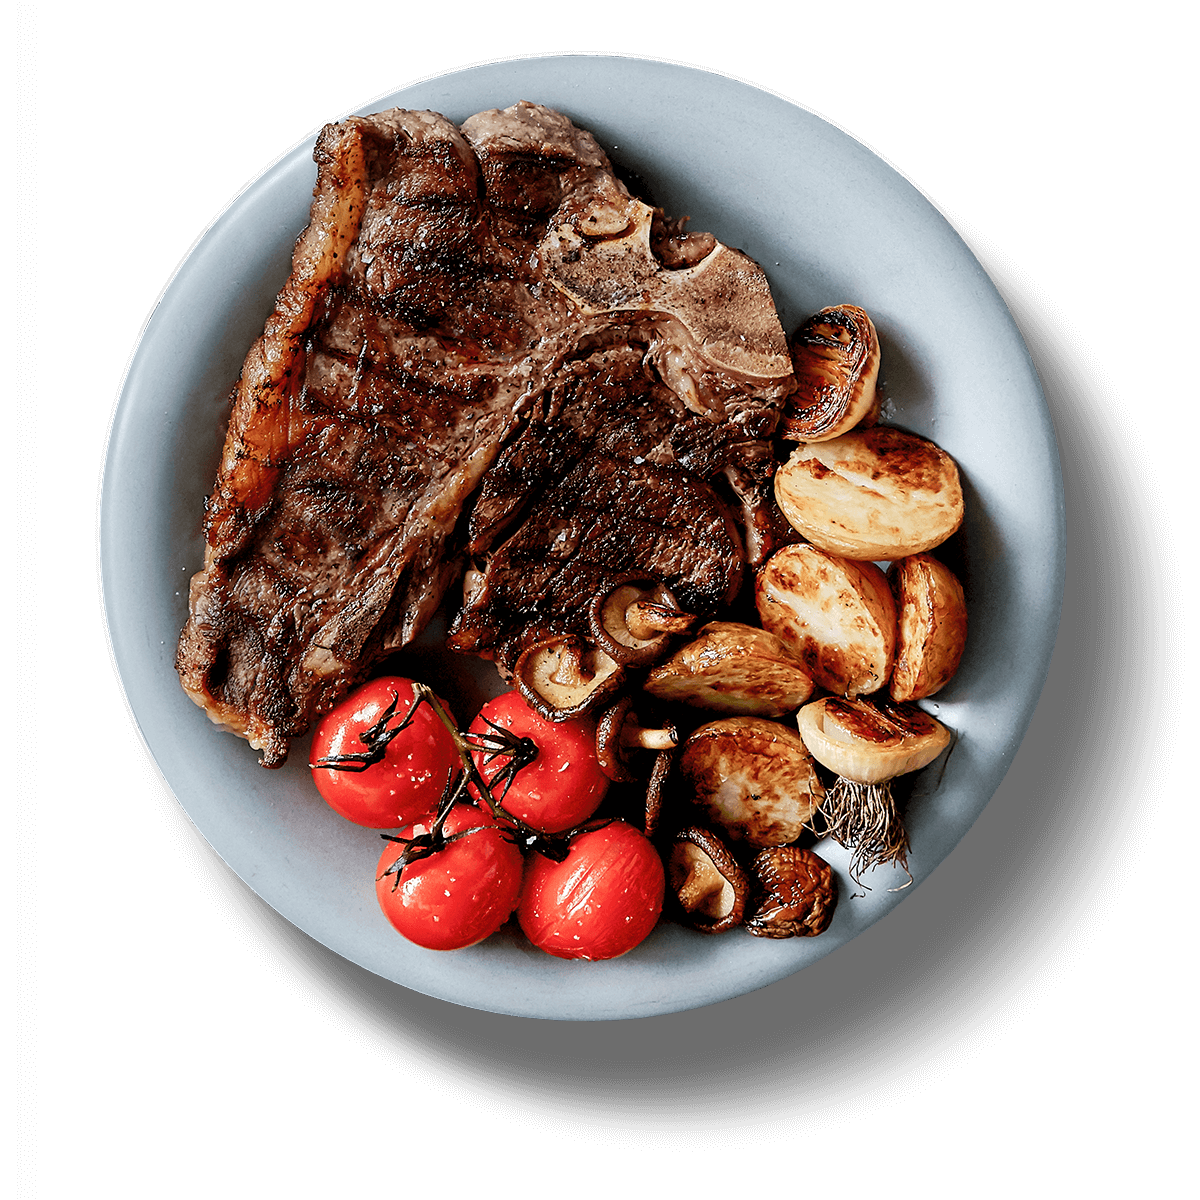 Steak from McBride